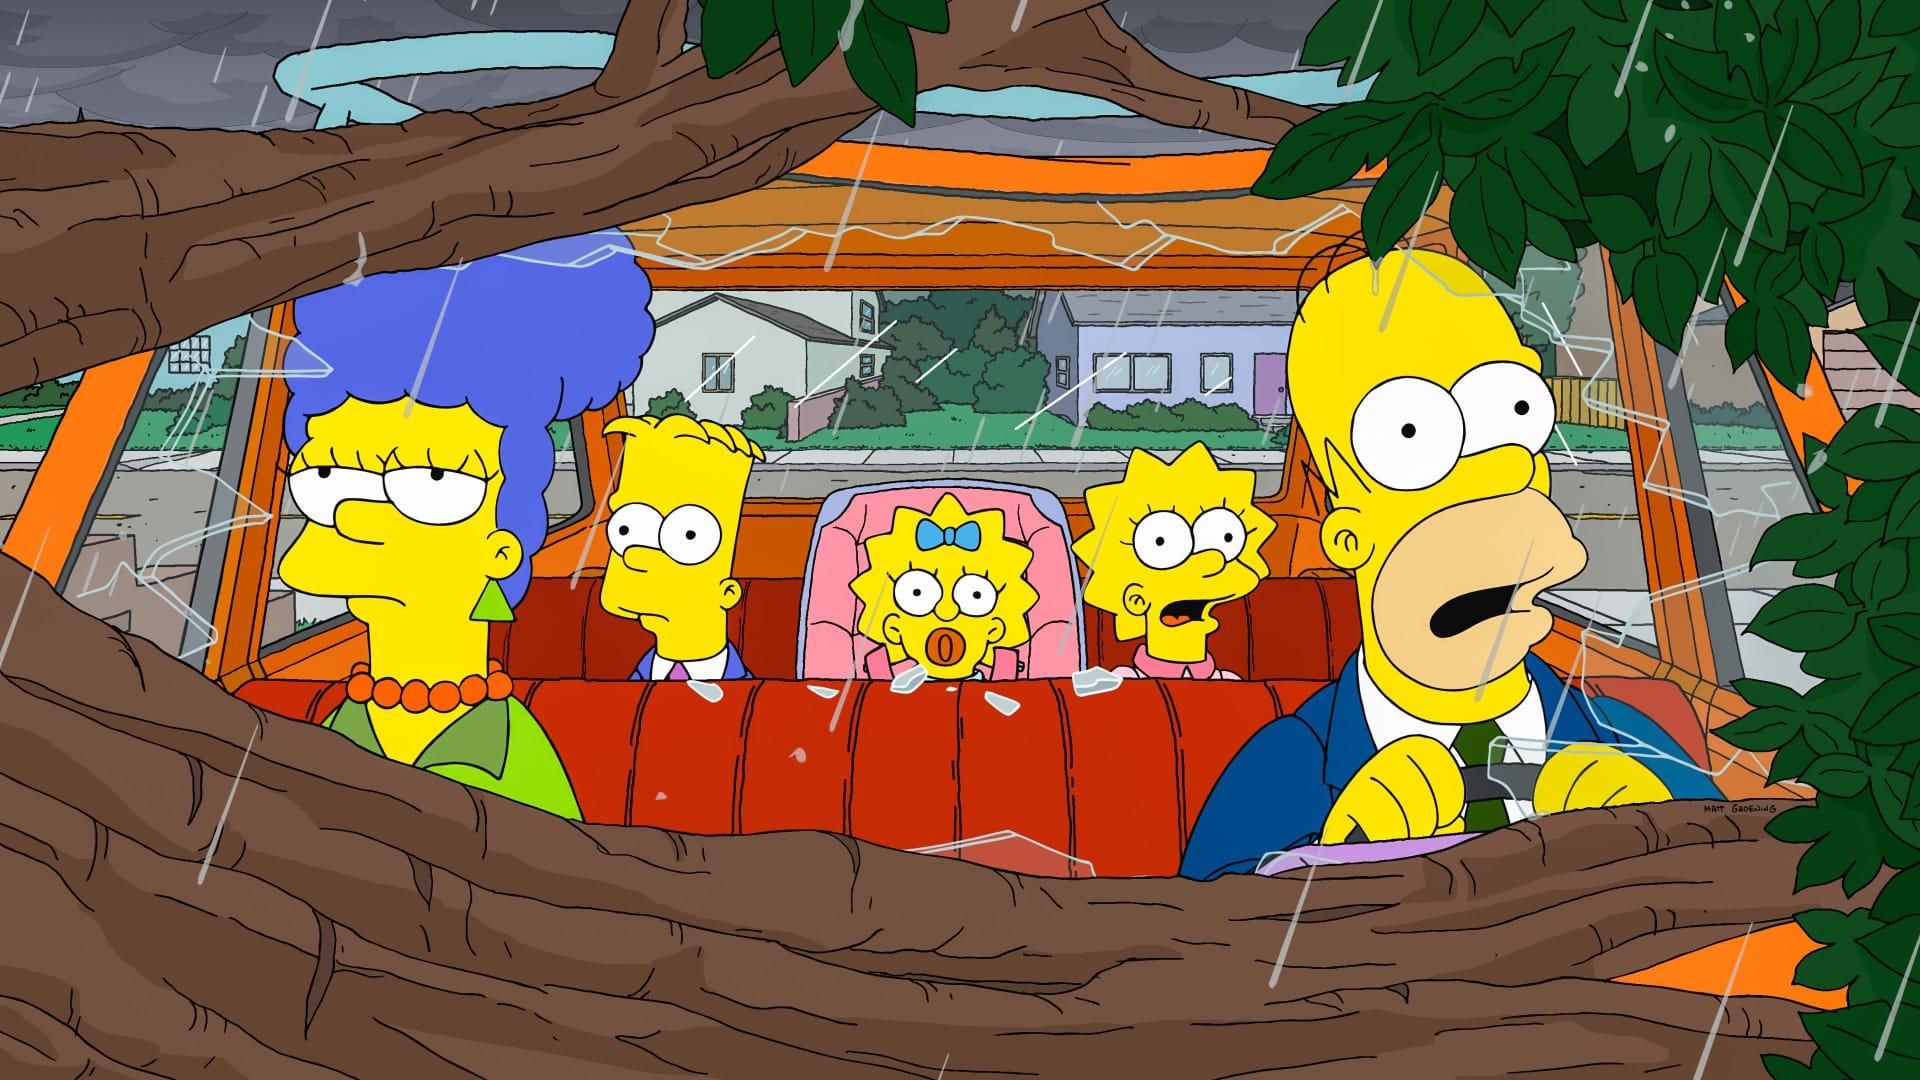 Les Simpson - Marge la bûcheronne